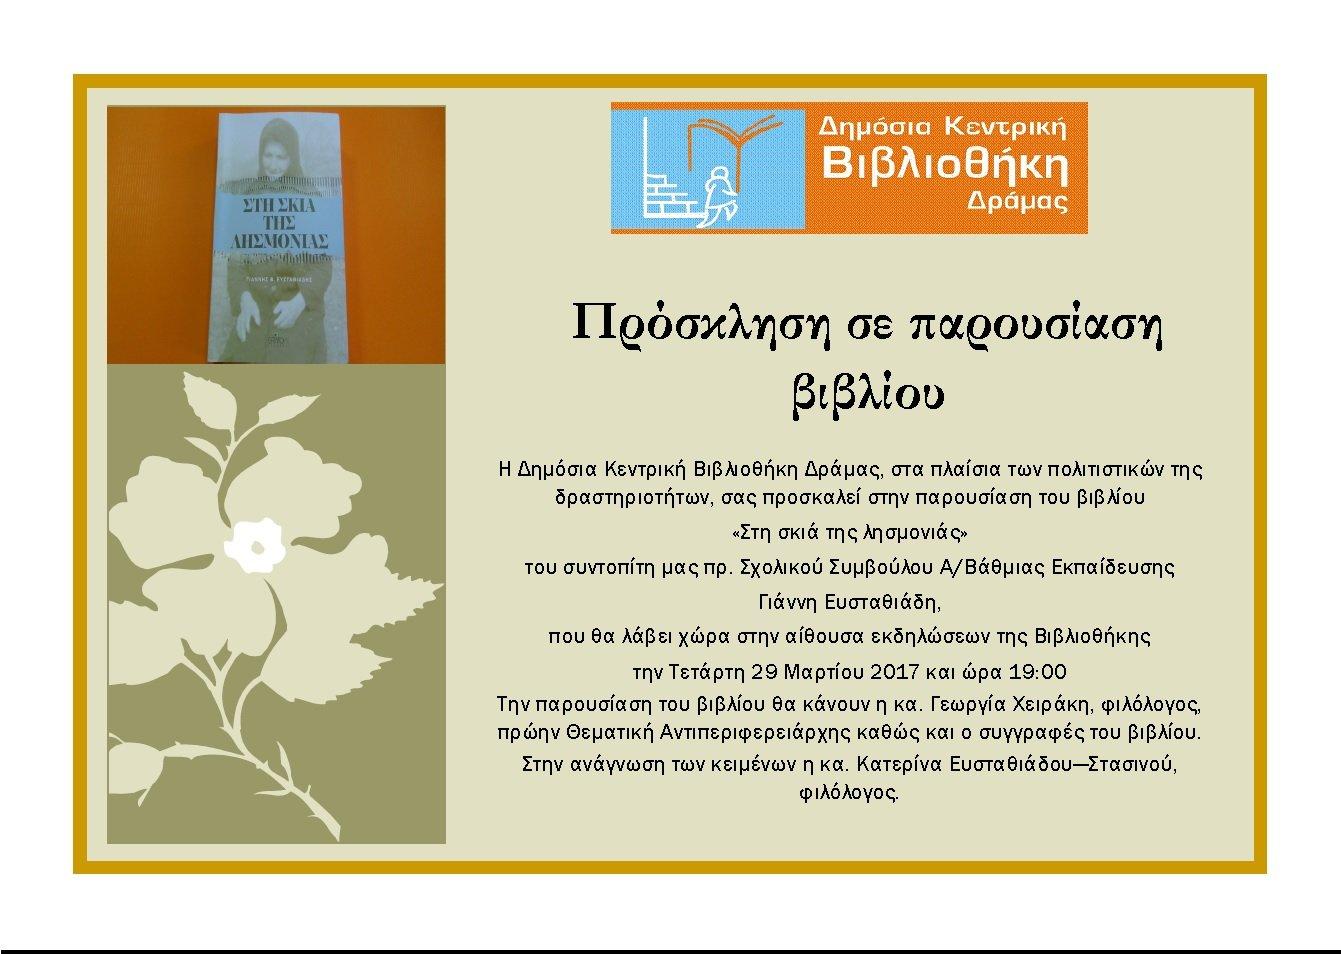 Βιβλιοπαρουσίαση Ευσταθιάδη - Μάρτιος 2017